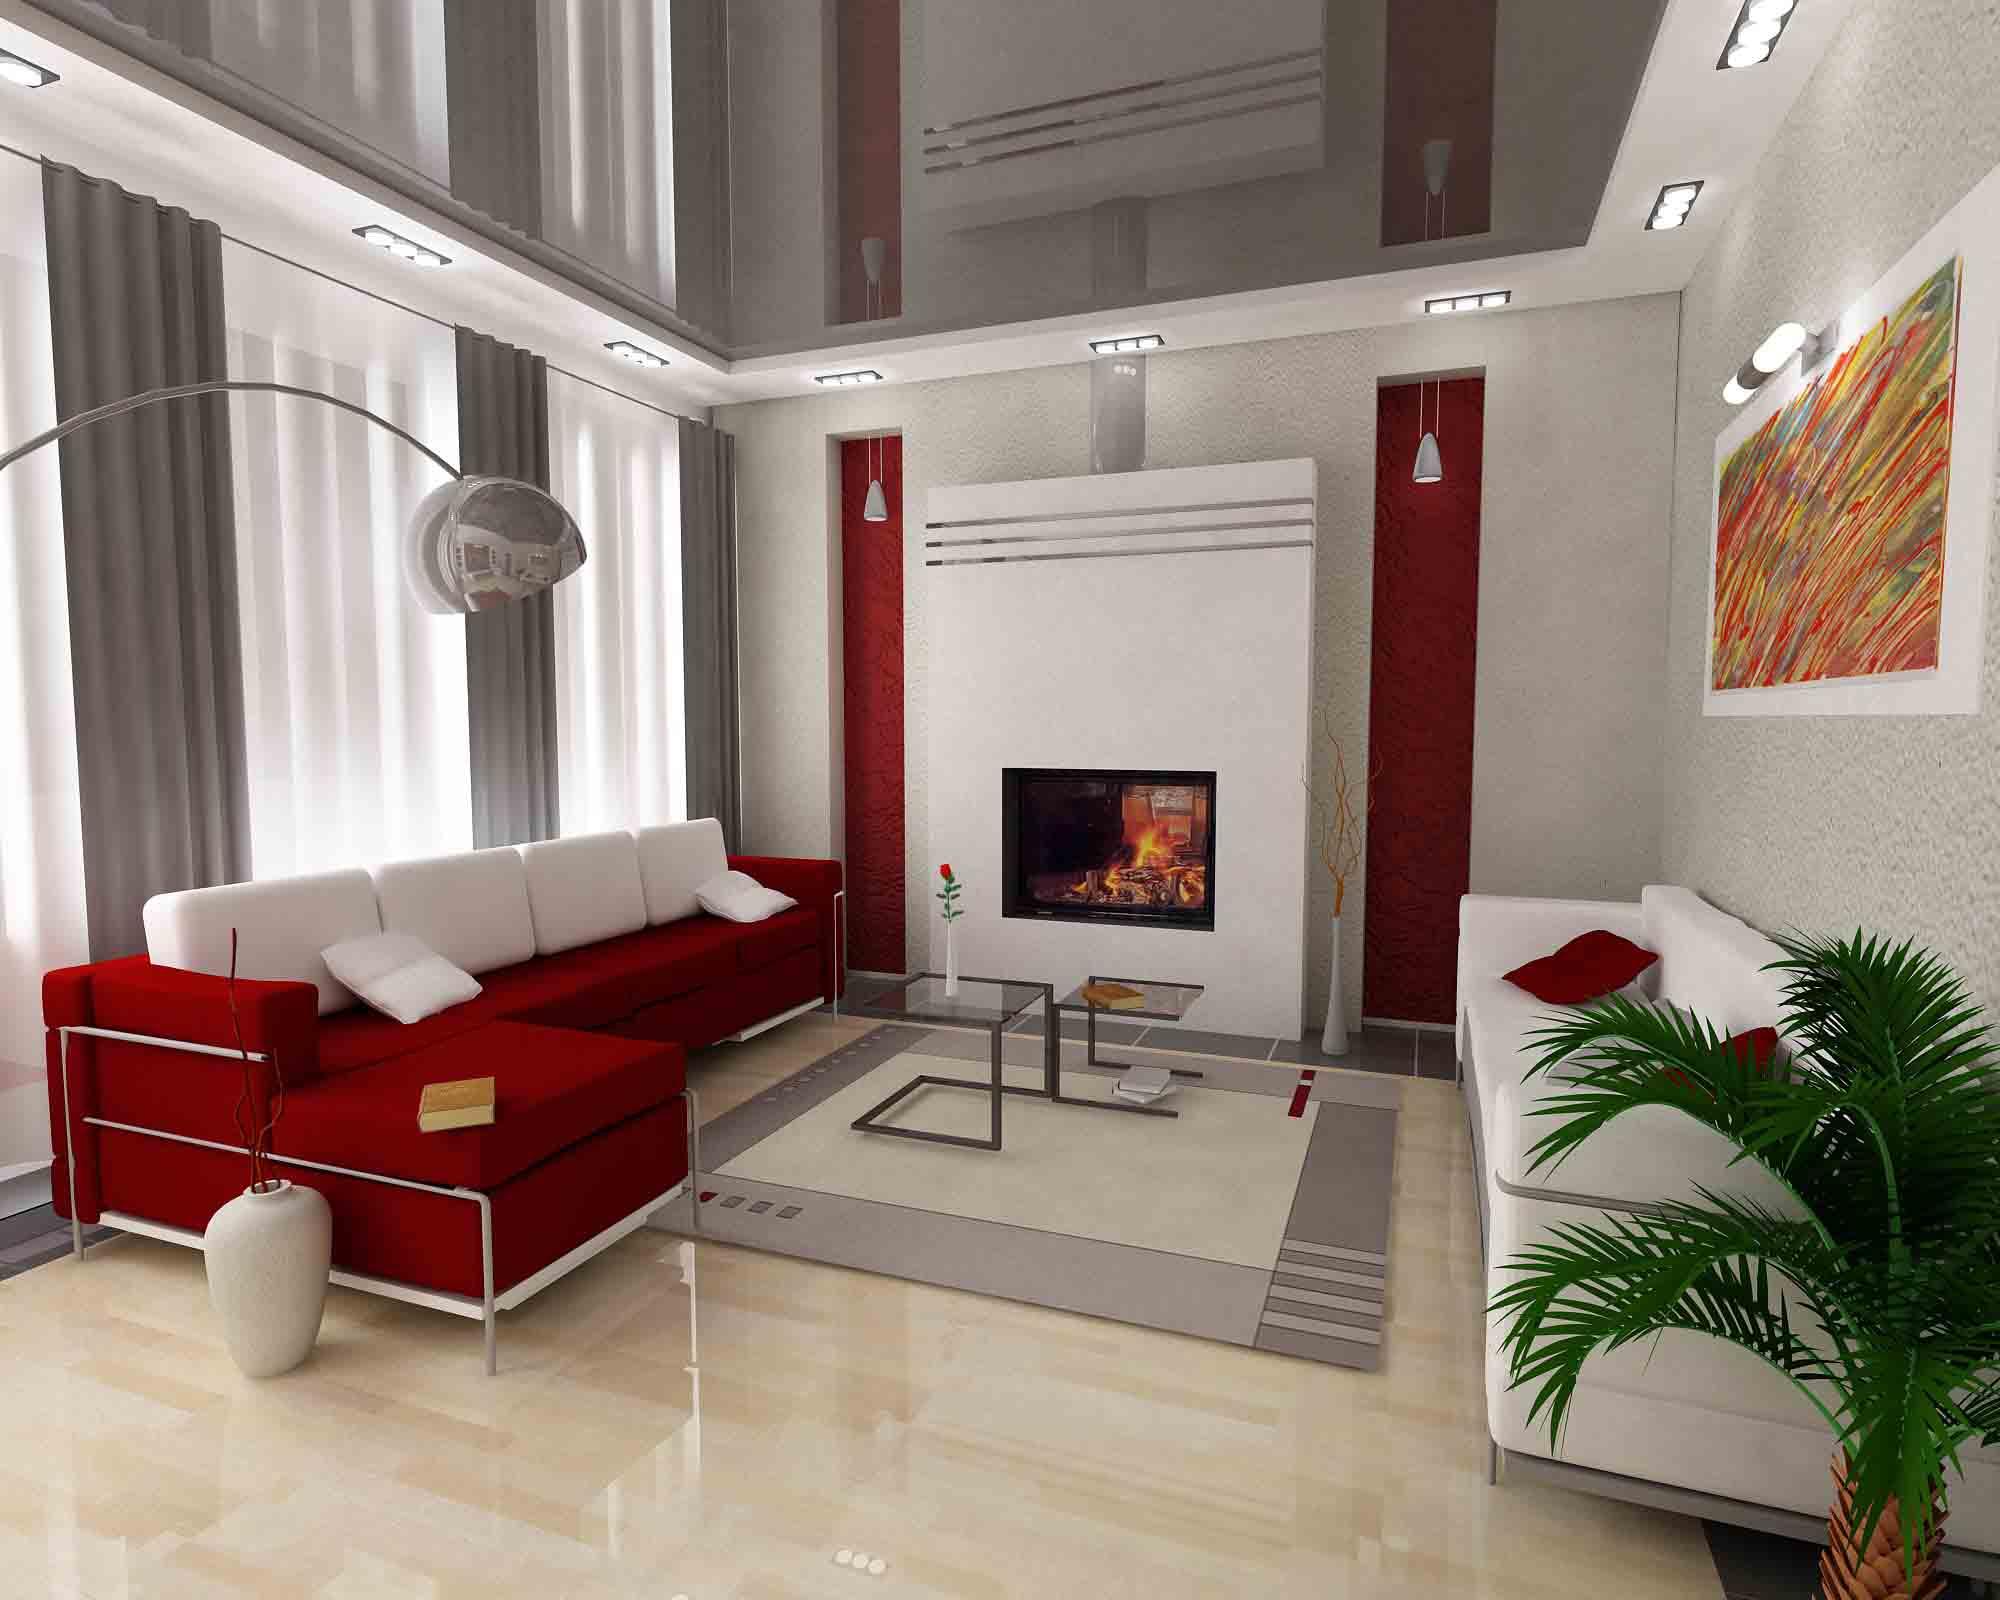 Дизайн квартир интерьер фото домов комнат и квартир